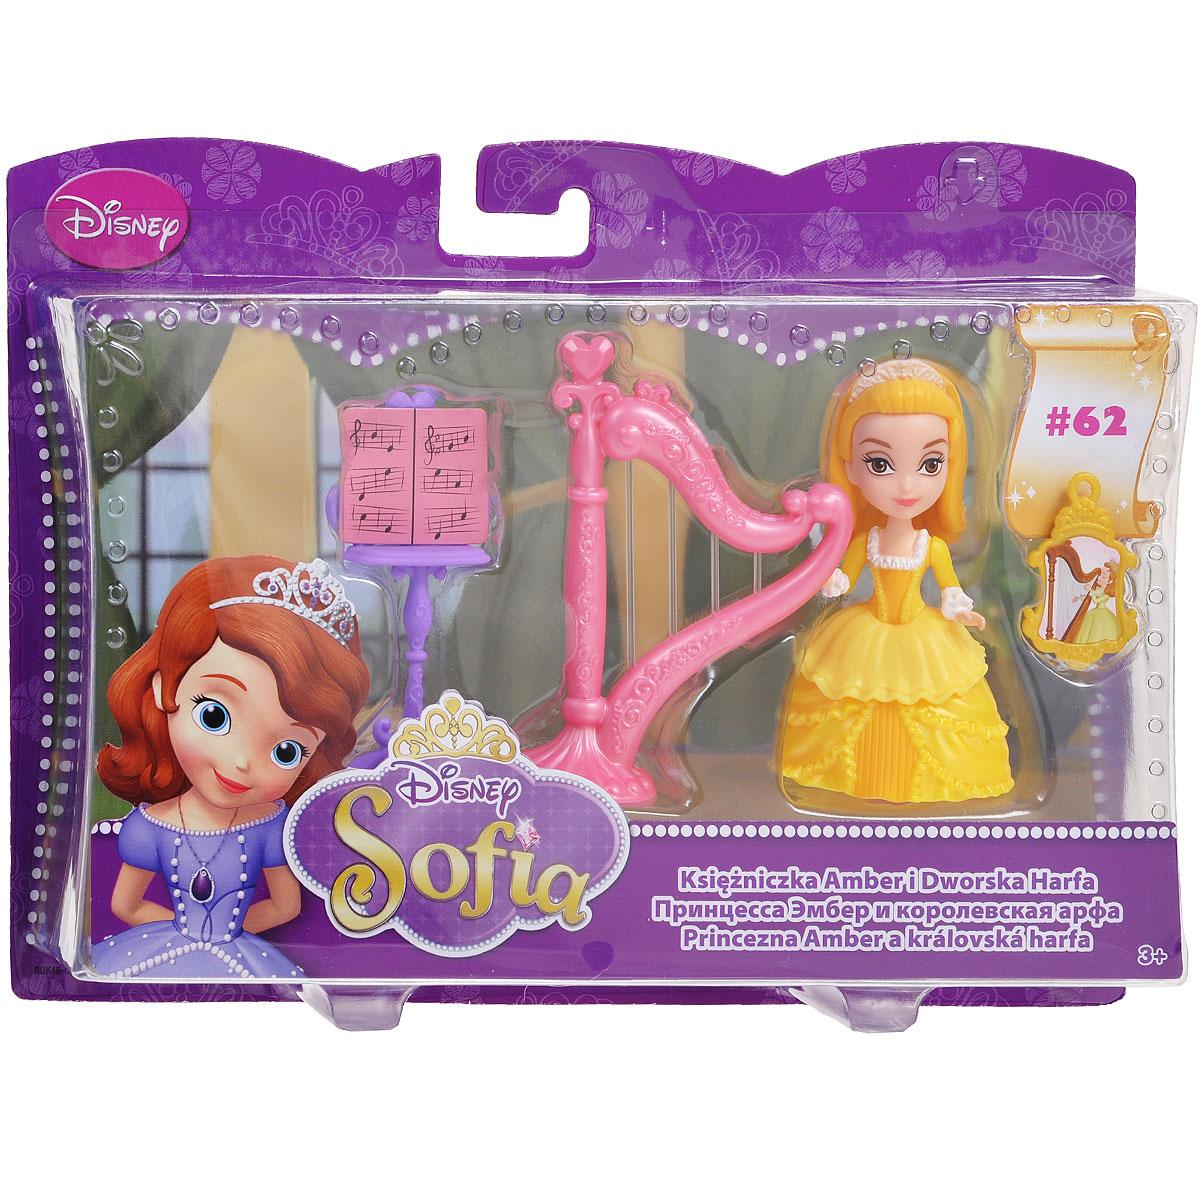 Sofia the FirstИгровой набор с миникуклой Принцесса Эмбер и королевская арфа .